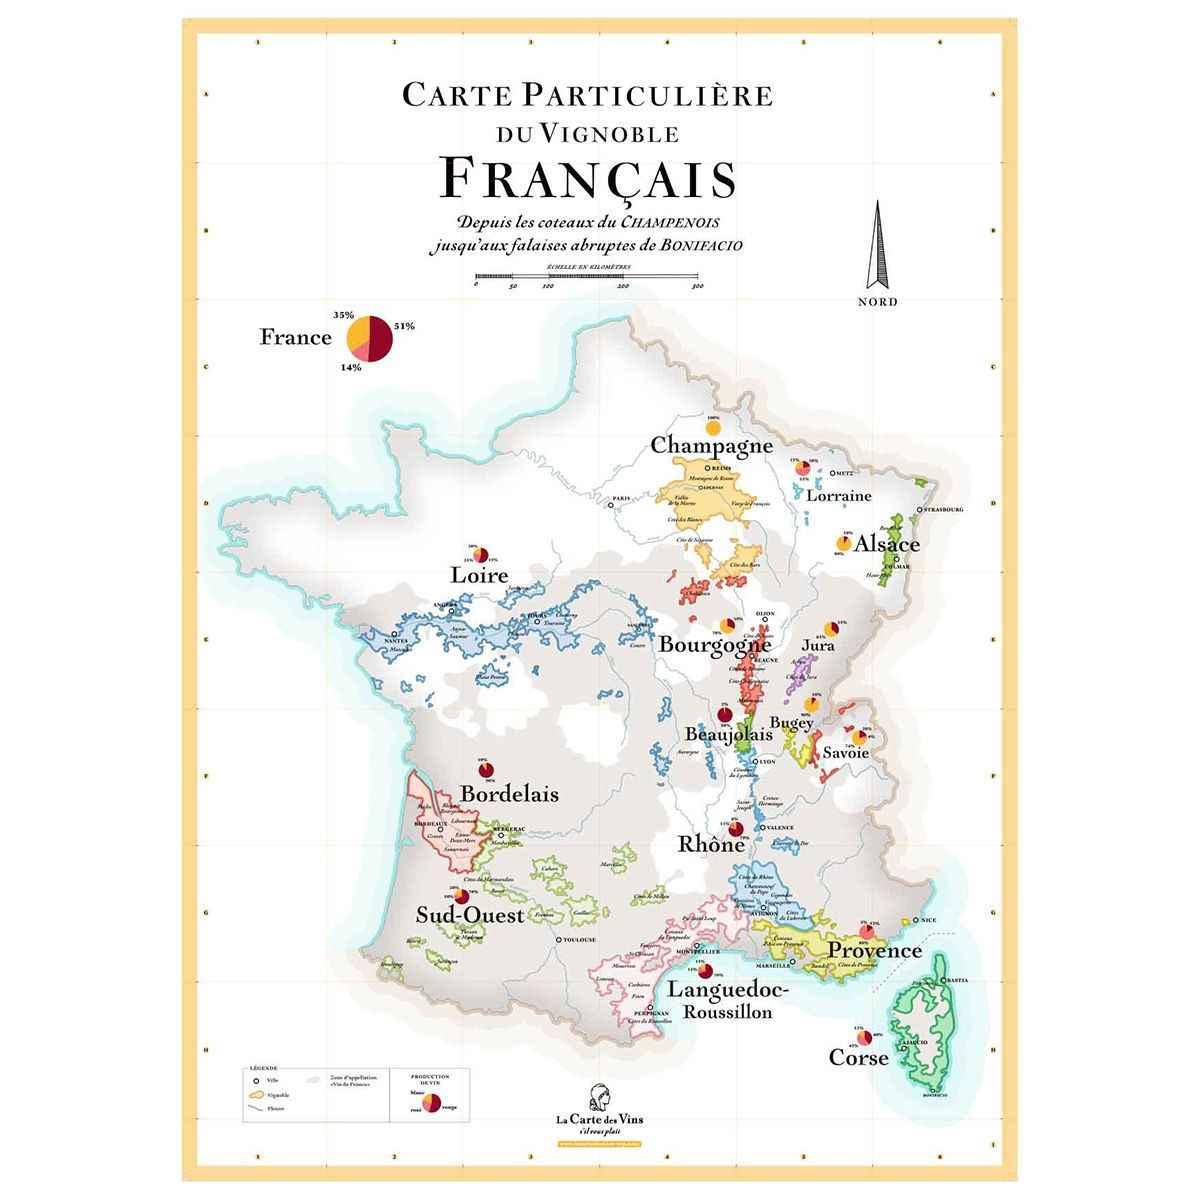 carte des vignobles francais